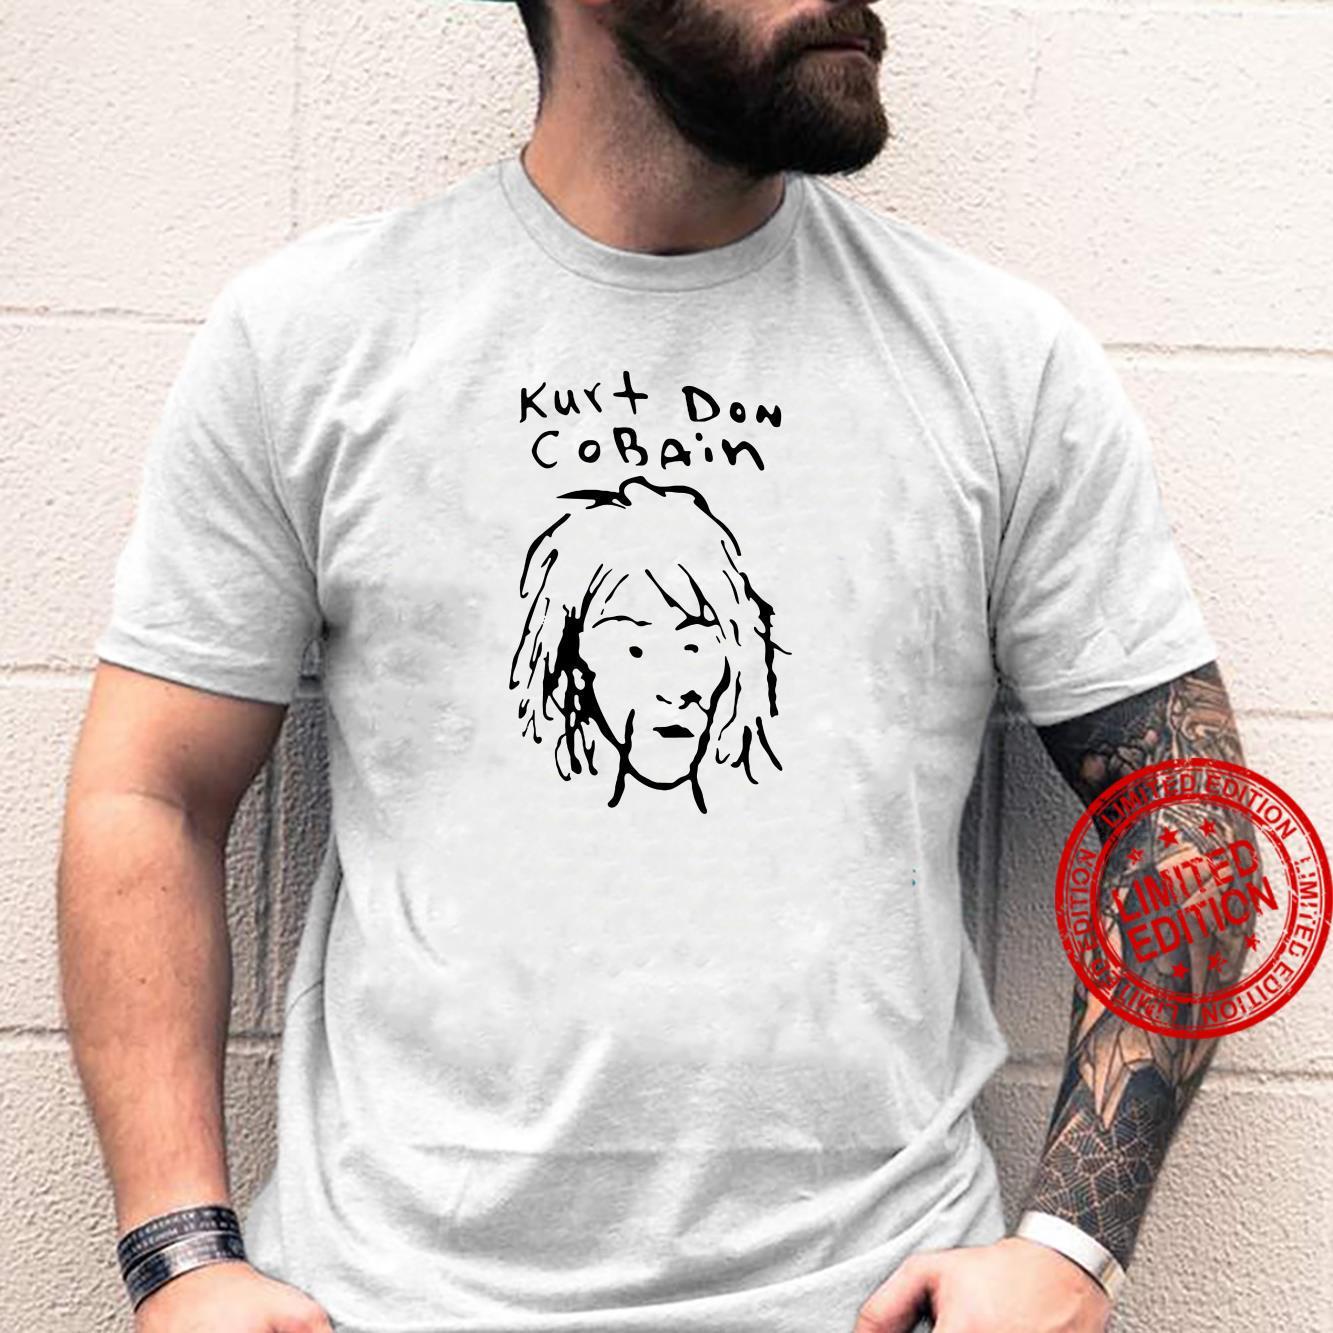 Kurt Don Cobain shirt